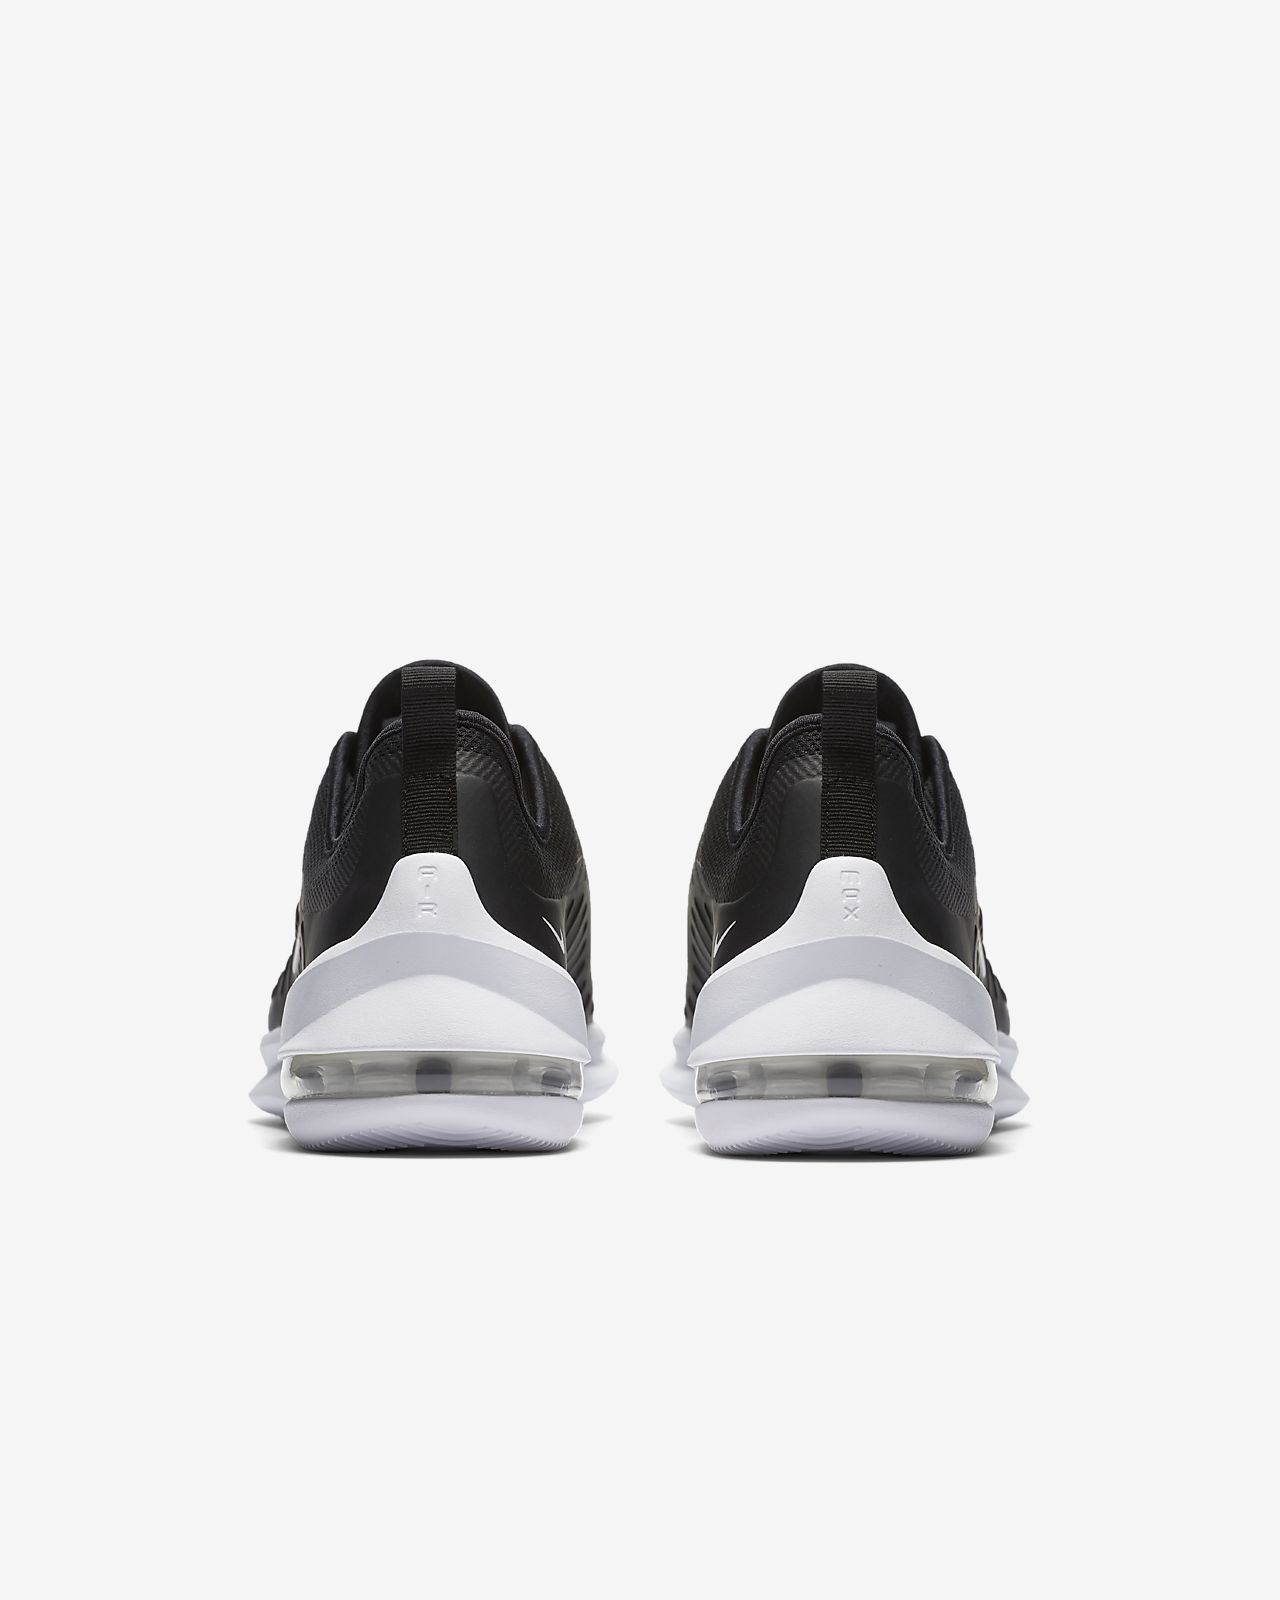 half off c3b5d aeba6 ... Nike Air Max Axis Men s Shoe